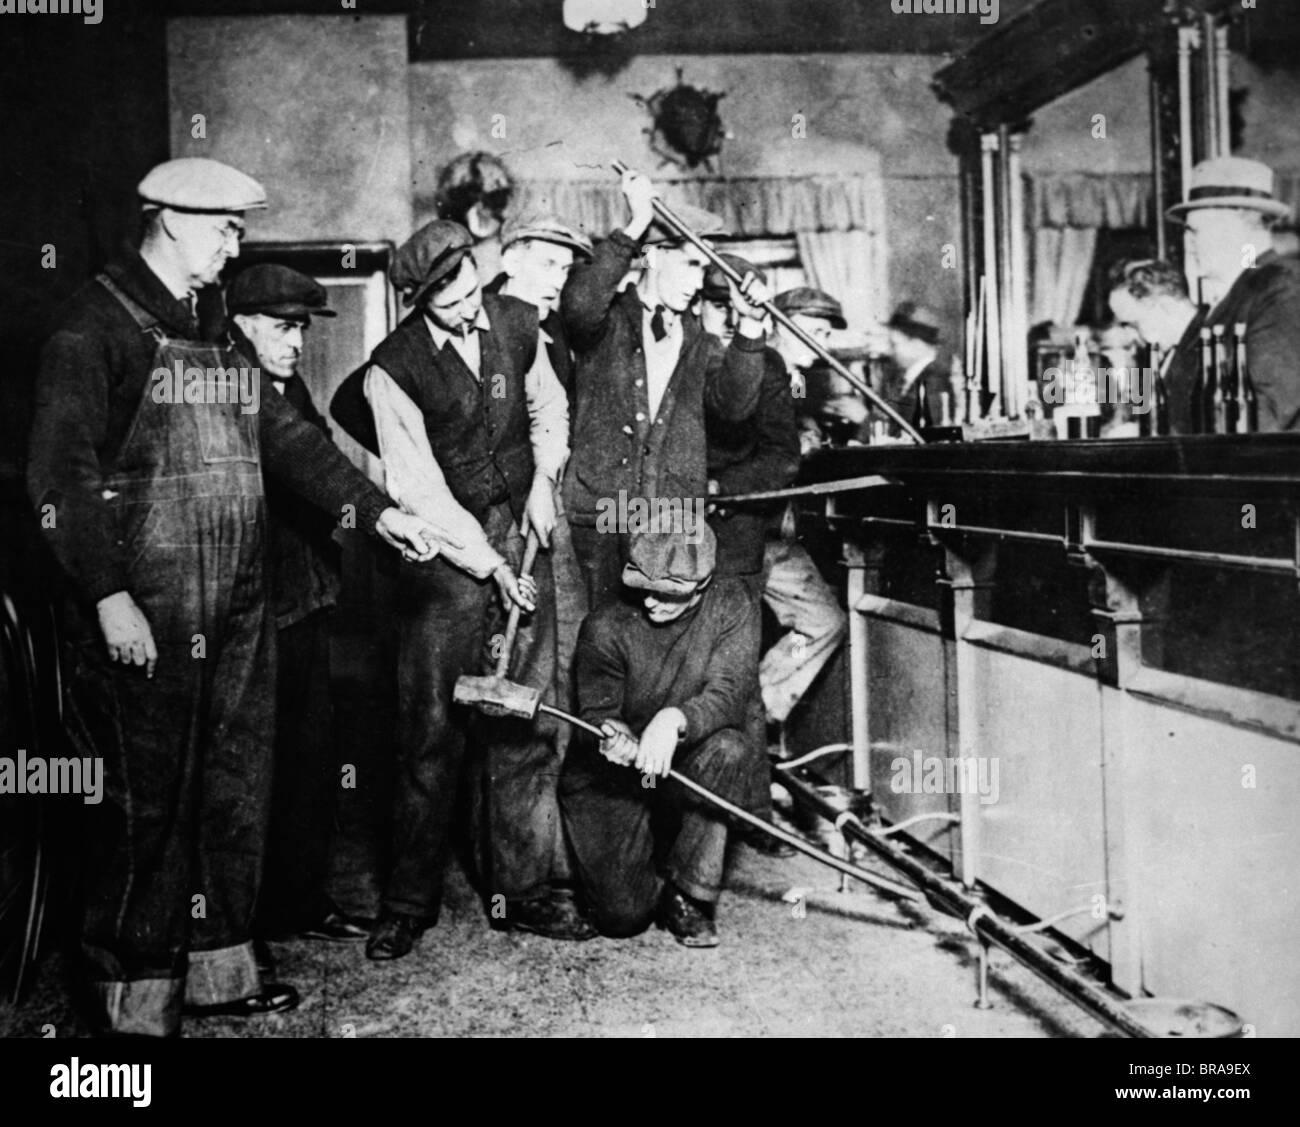 1920S 1930S VERBOT RAID-FBI-AGENTEN ZERREIßEN ZERSTÖREN BAR ZU SEHEN, OB ALKOHOL VERSTECKT IST Stockbild